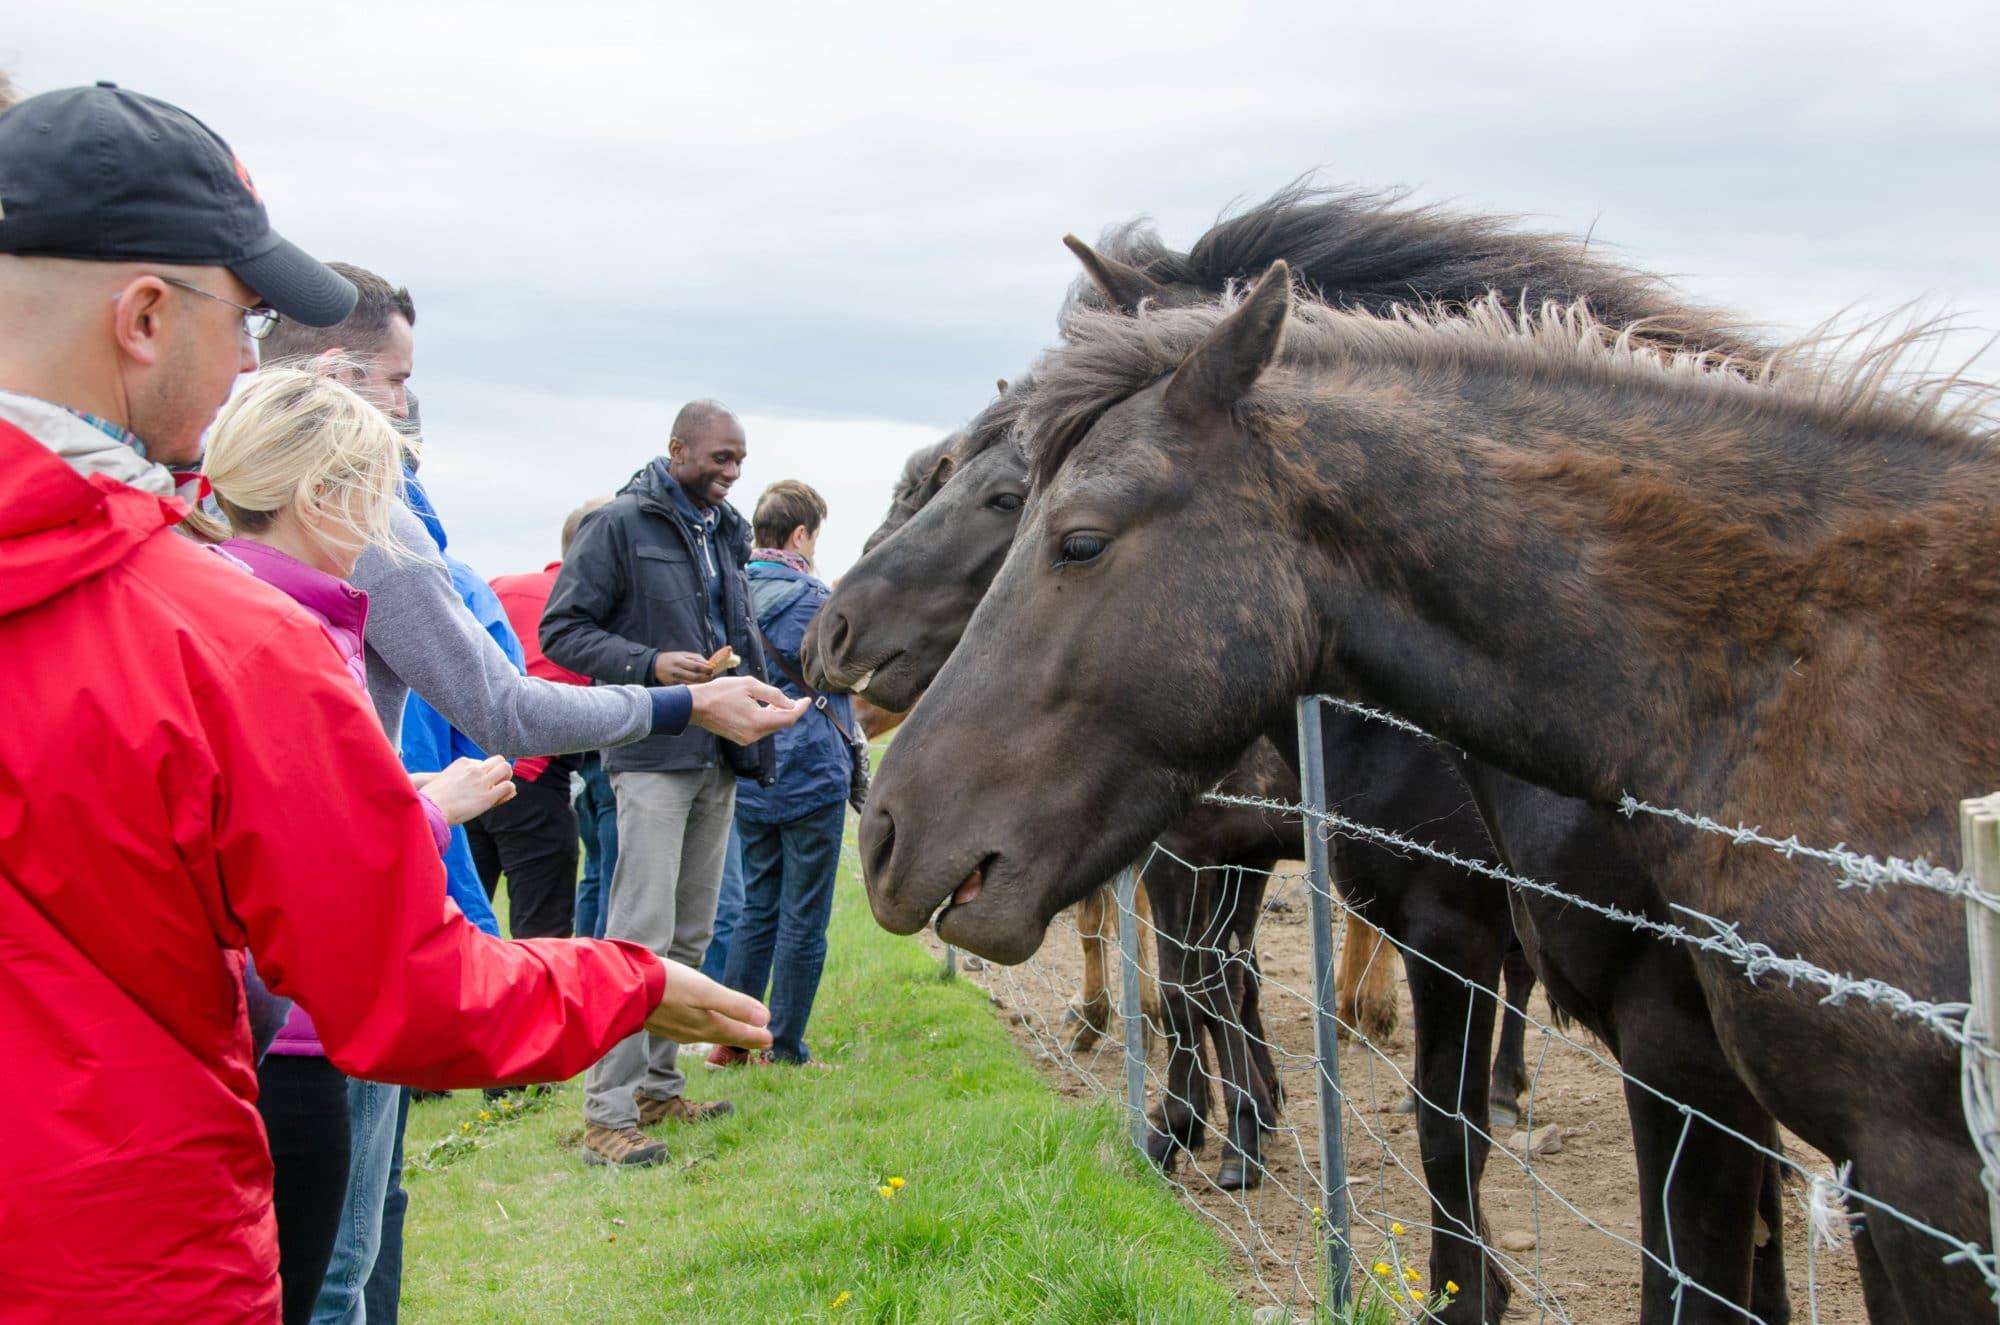 Feeding Wild Horses Iceland | Umami Girl